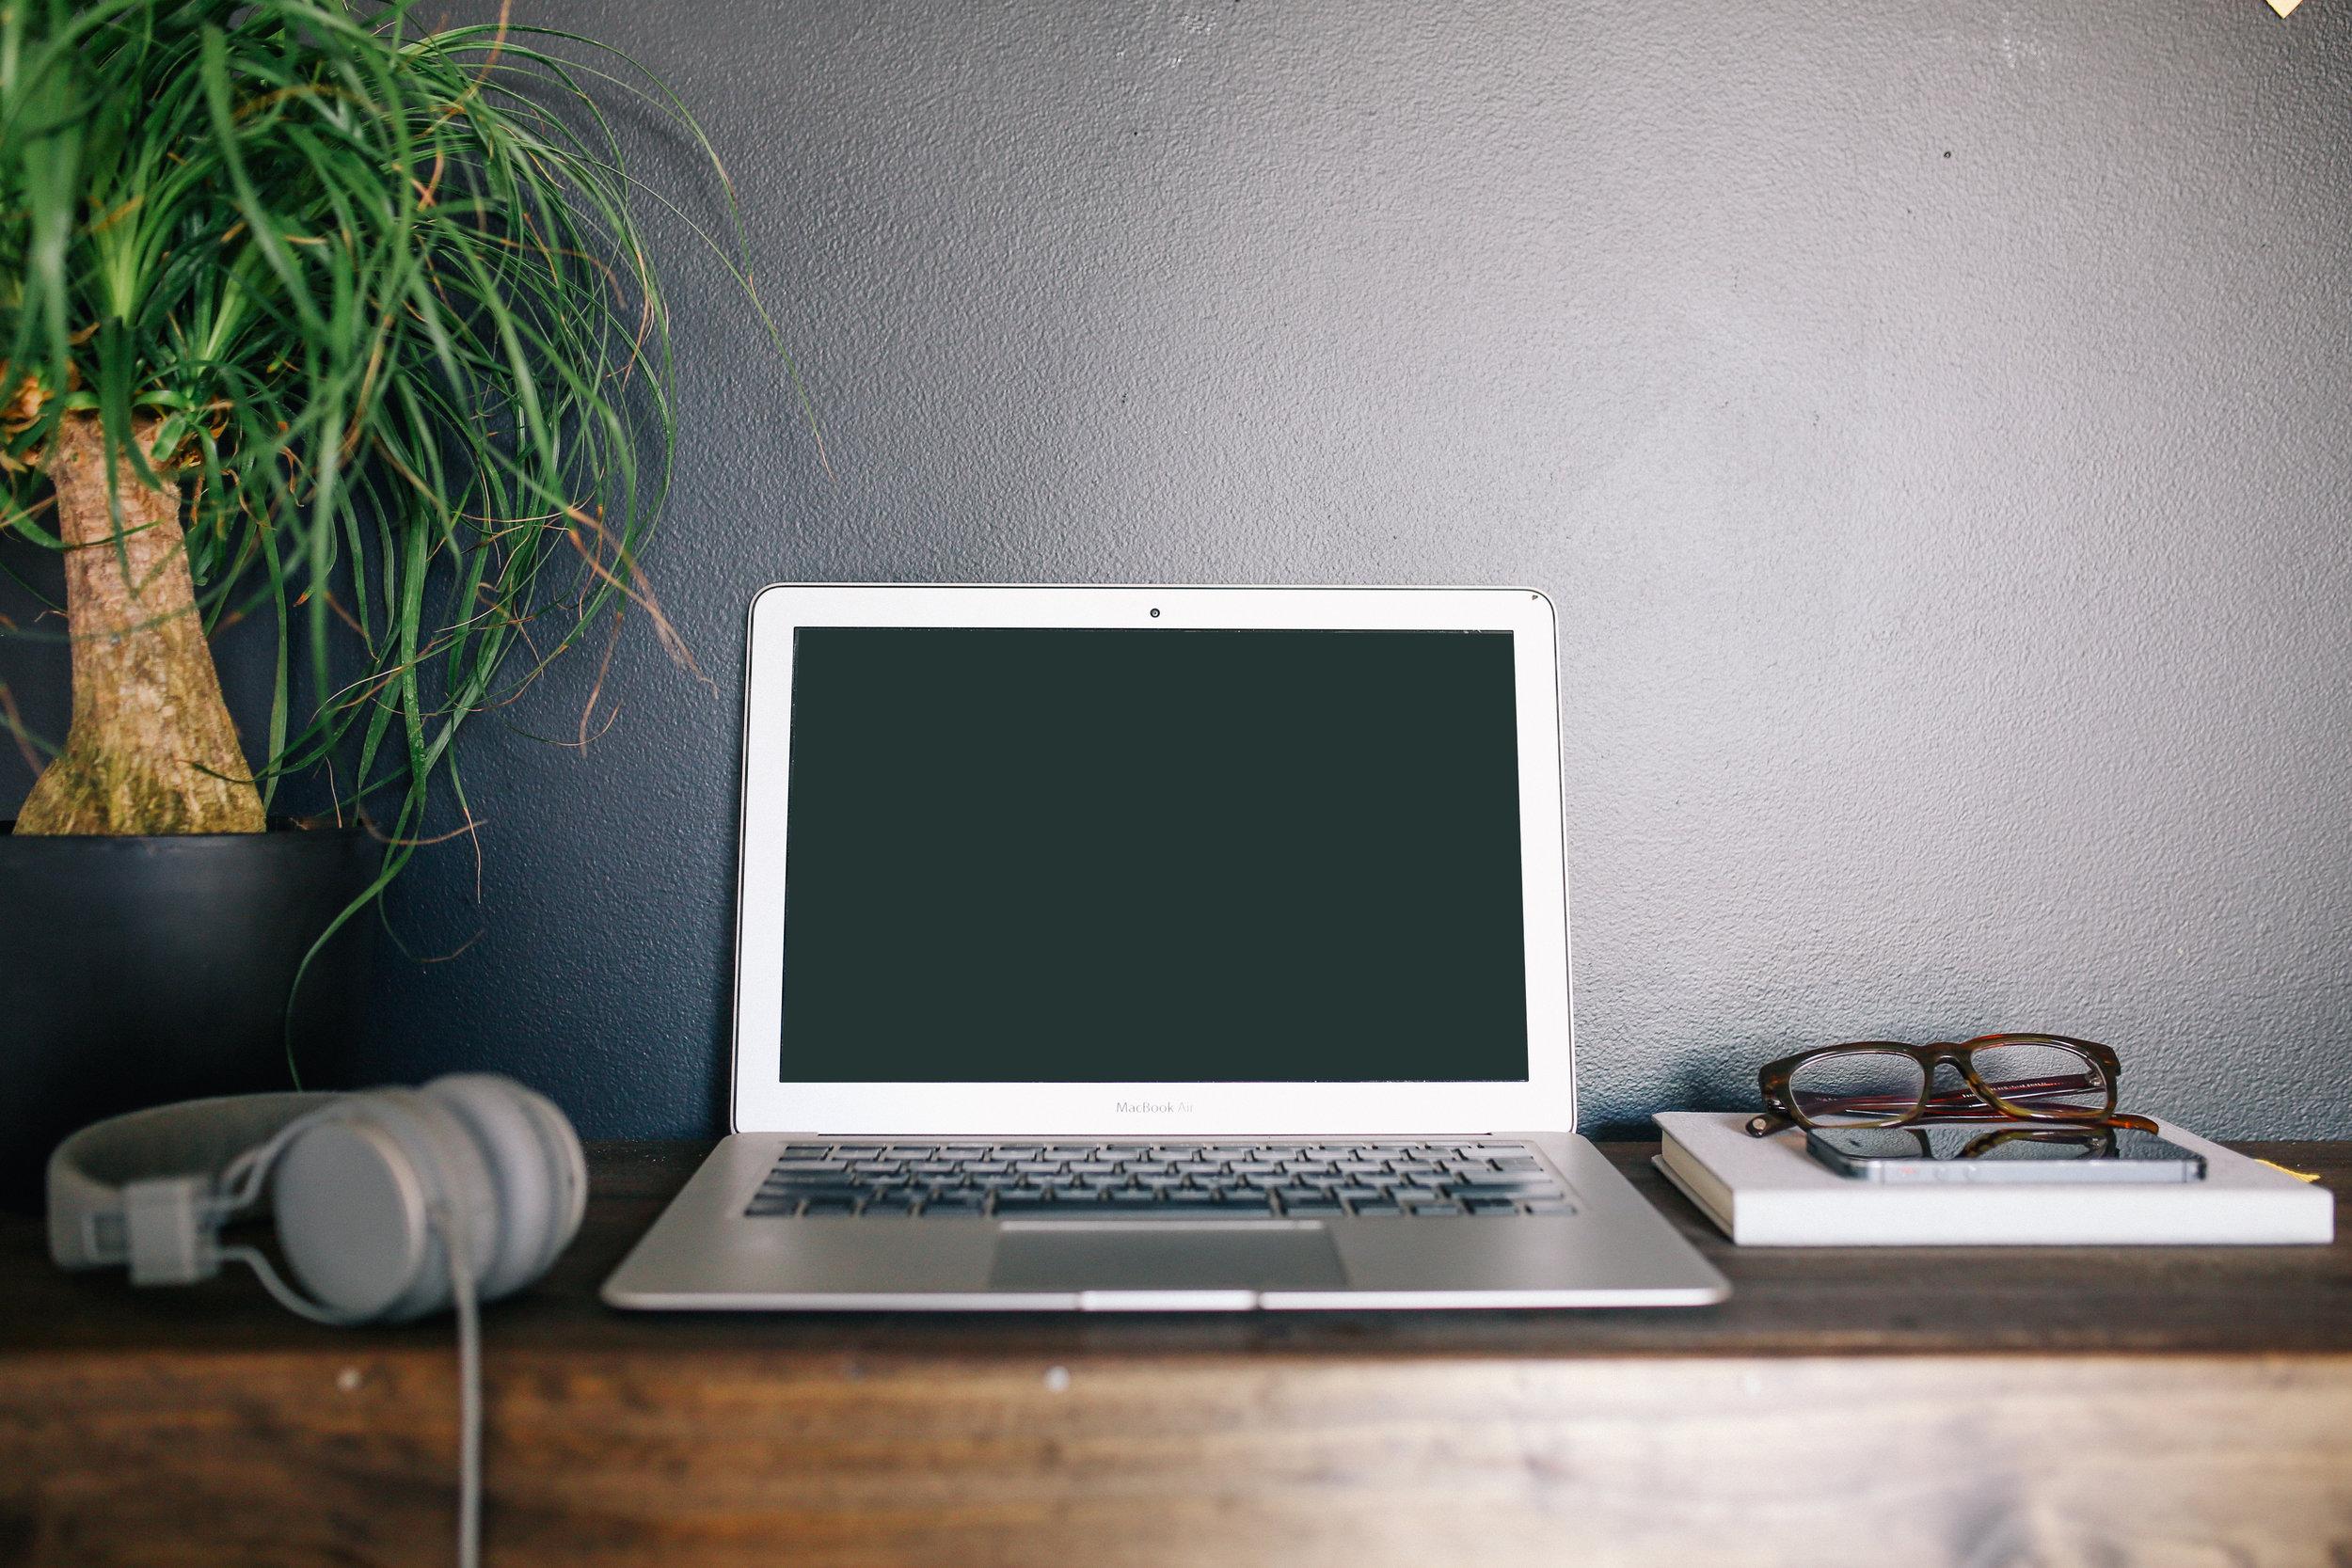 DeathtoStock_Desk1.jpg